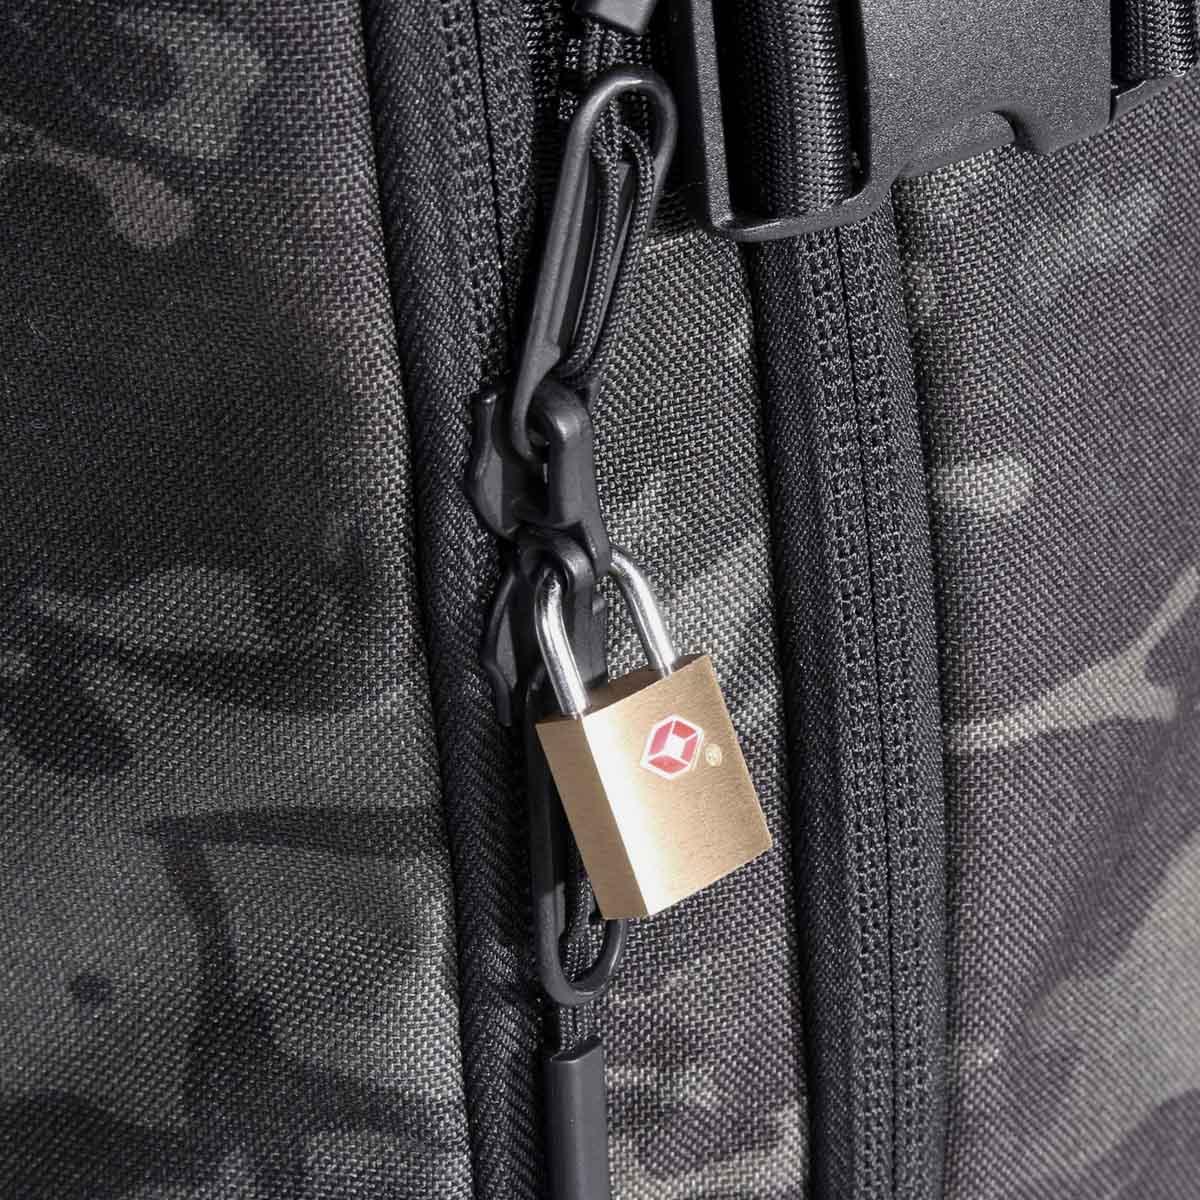 24007_tp2_blackcamo_lock.jpg